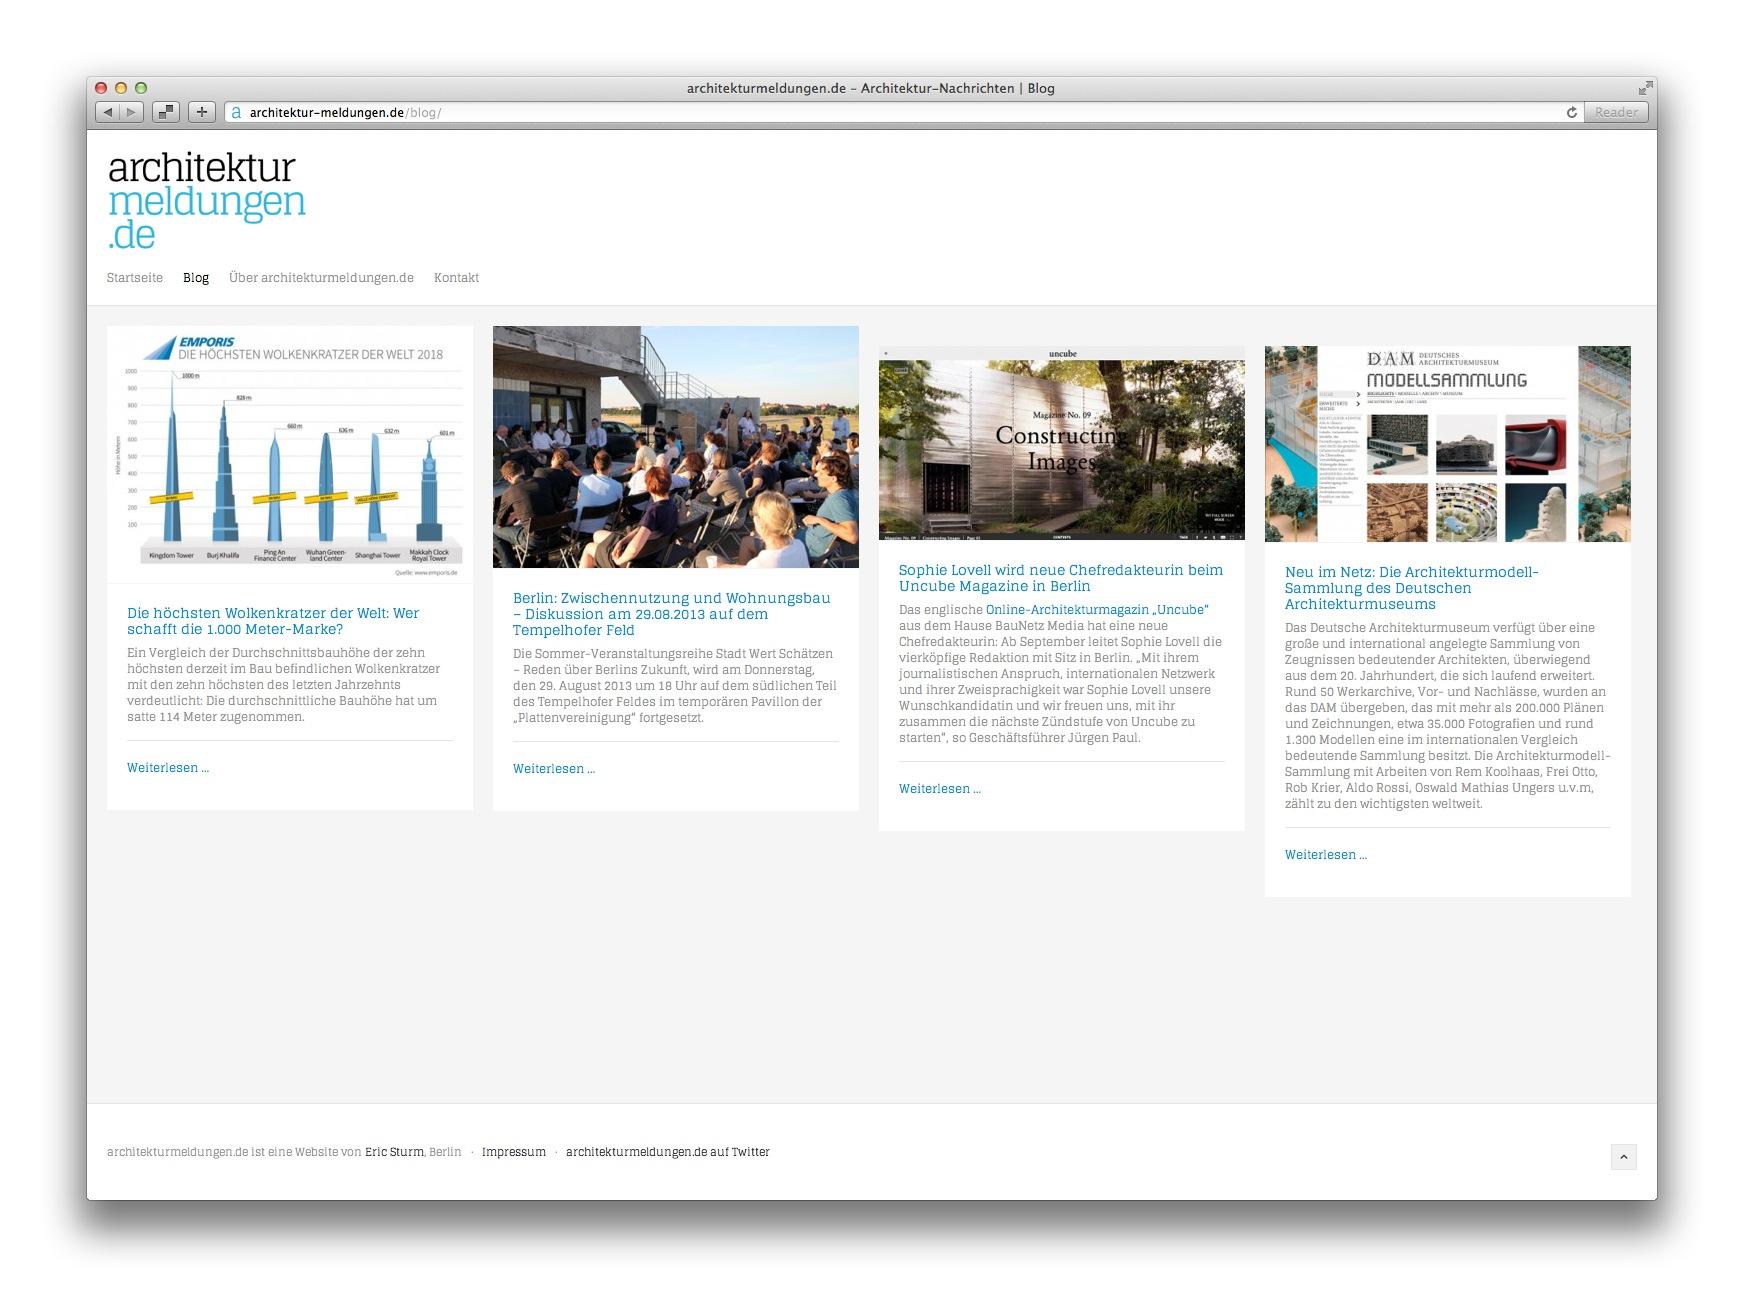 Das neue Architektur-Blog auf architekturmeldungen.de (Screenshot August 2013)